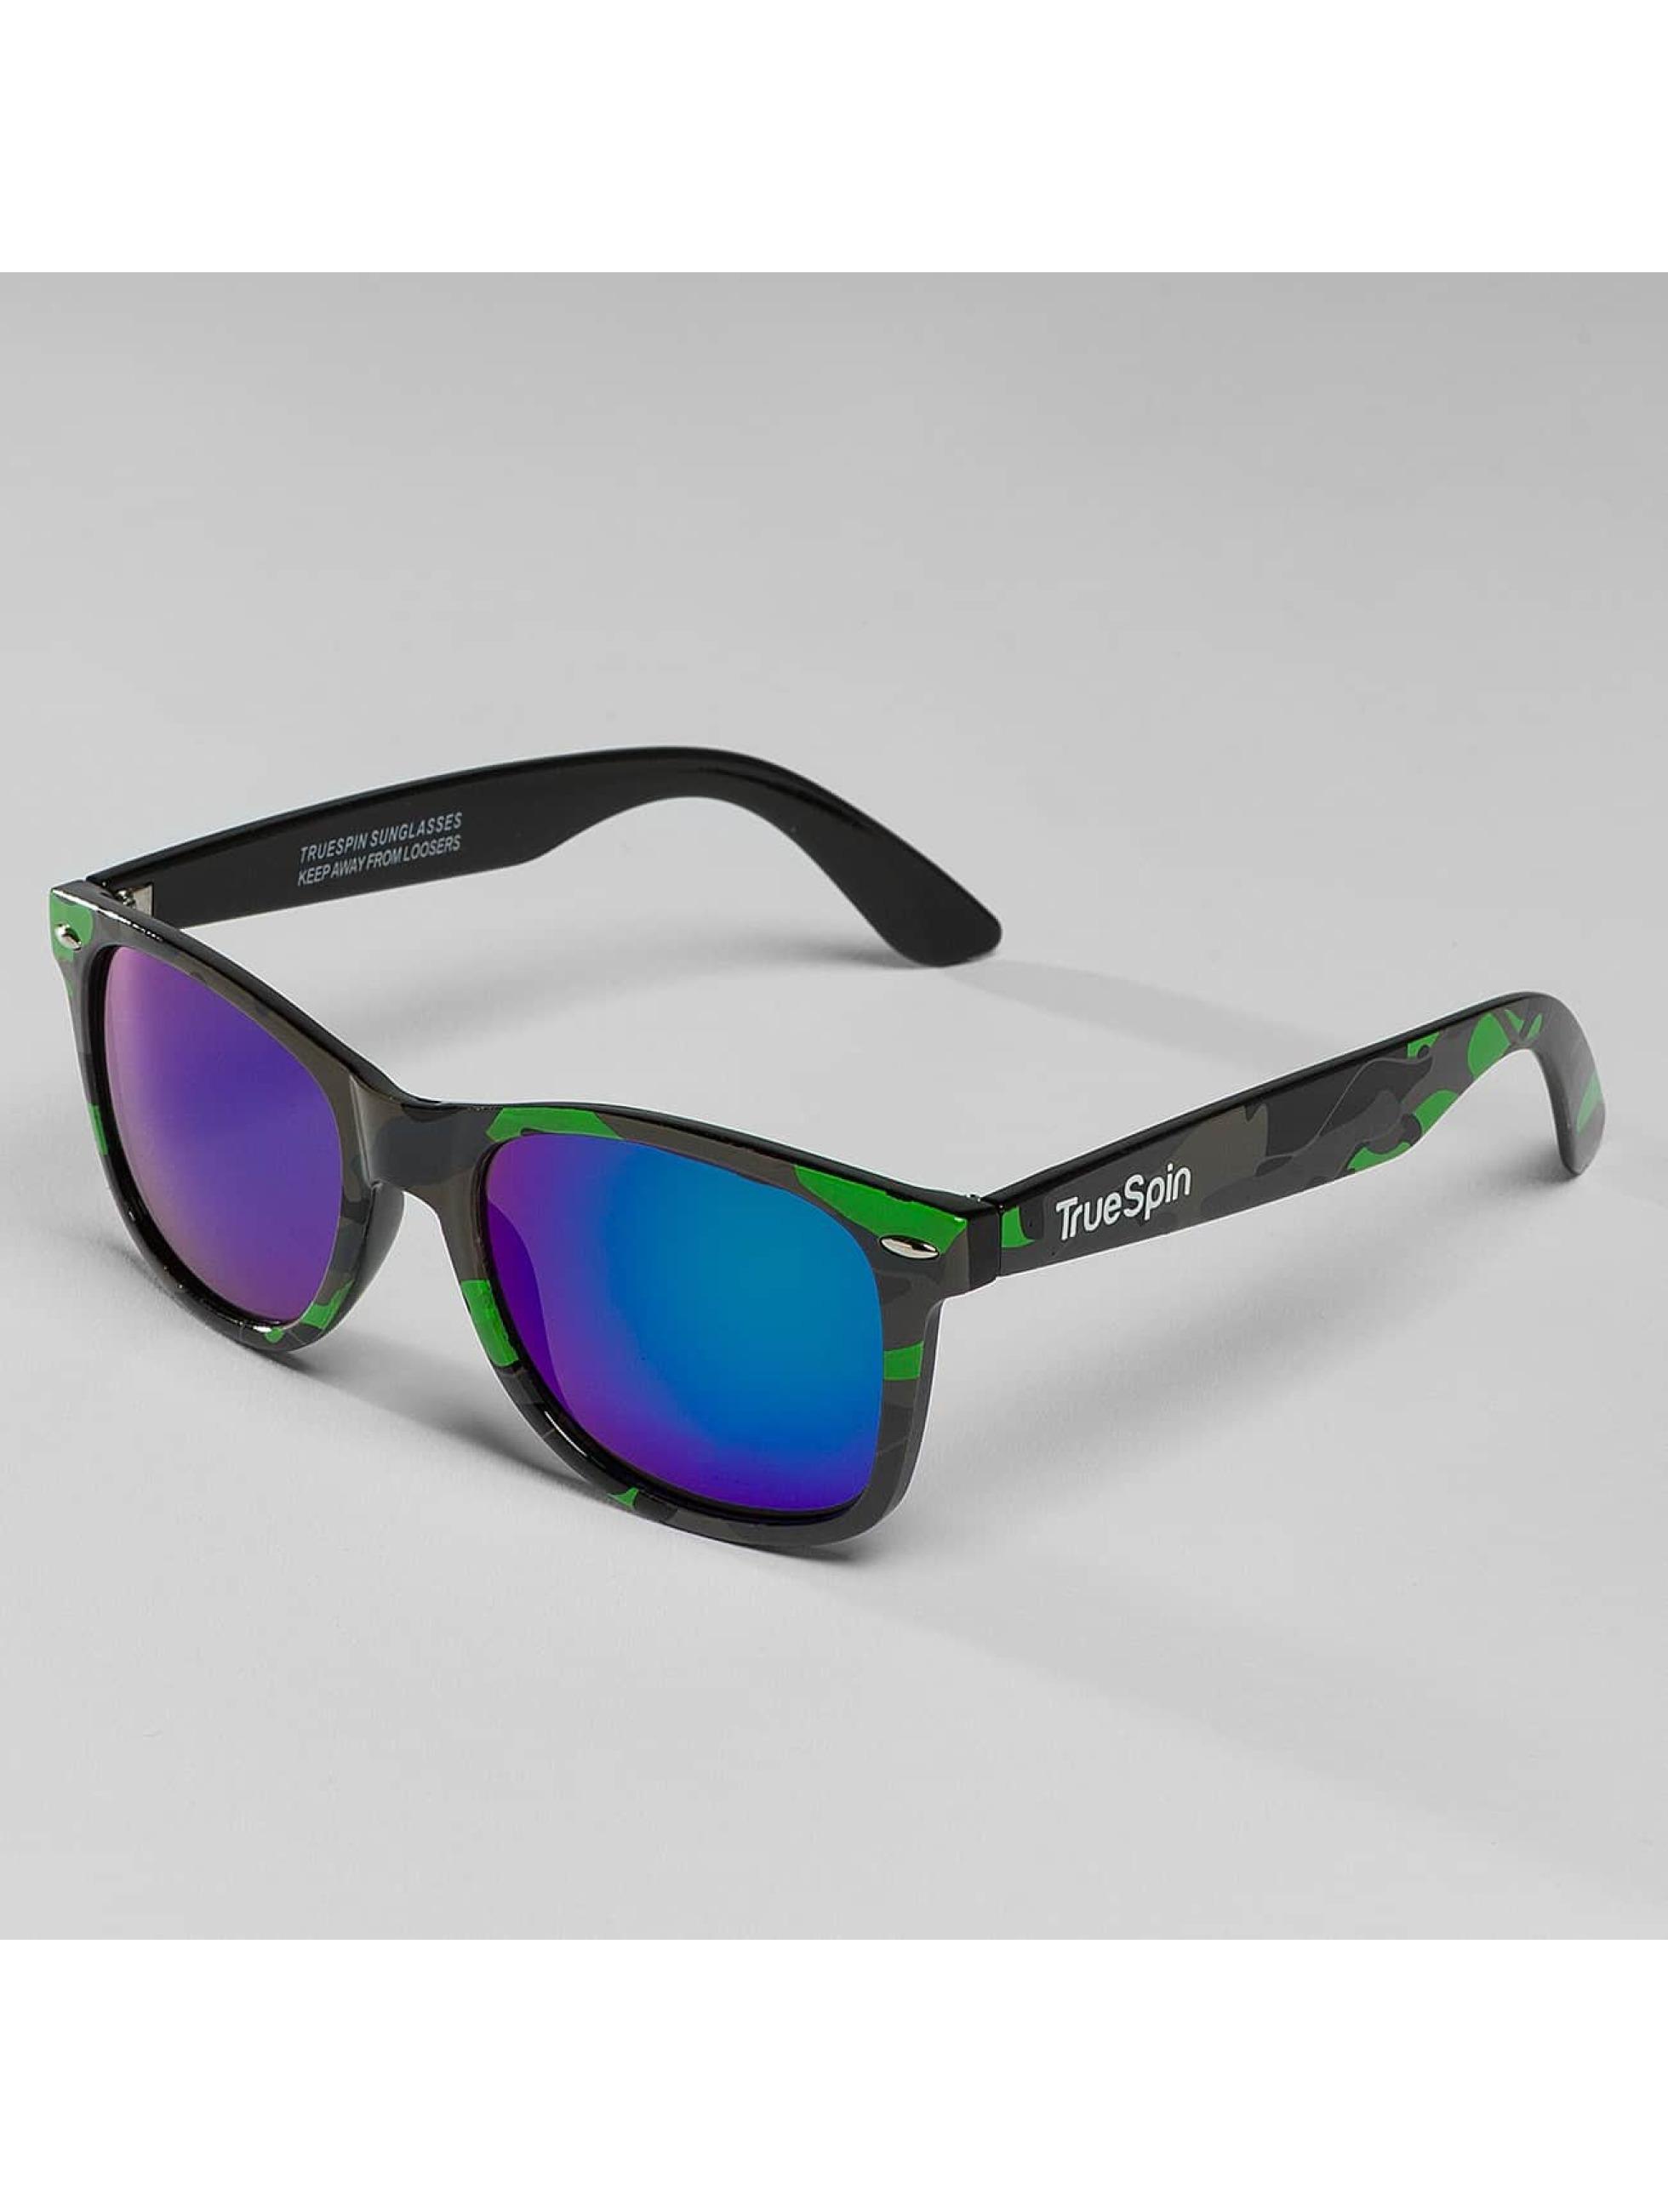 TrueSpin Sunglasses Neo Camo camouflage